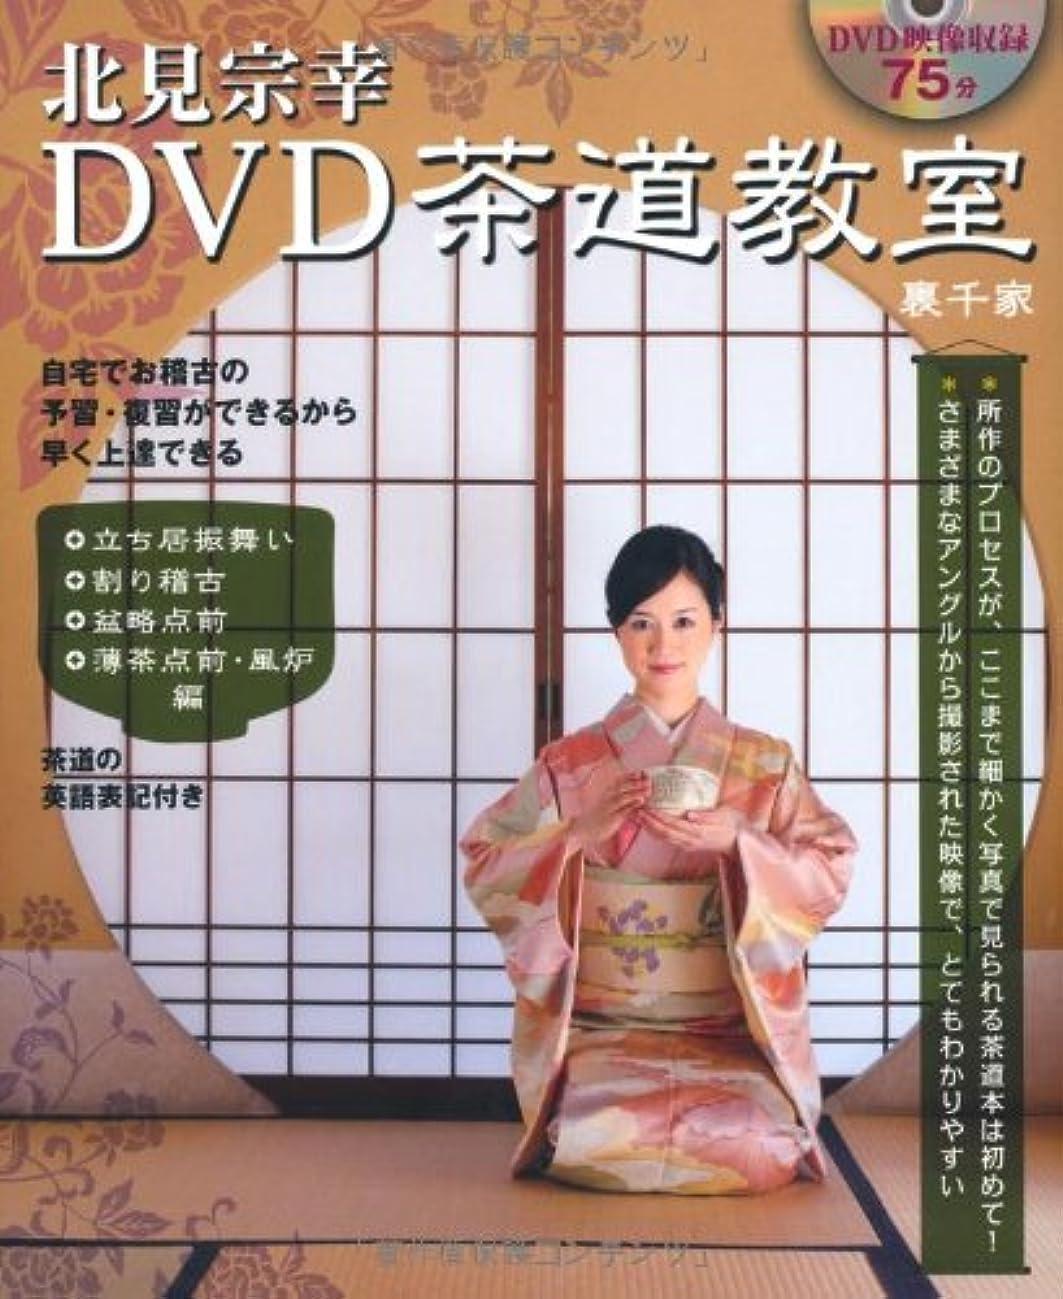 コートたくさんの資本主義北見宗幸DVD茶道教室―裏千家 (DVDブック)